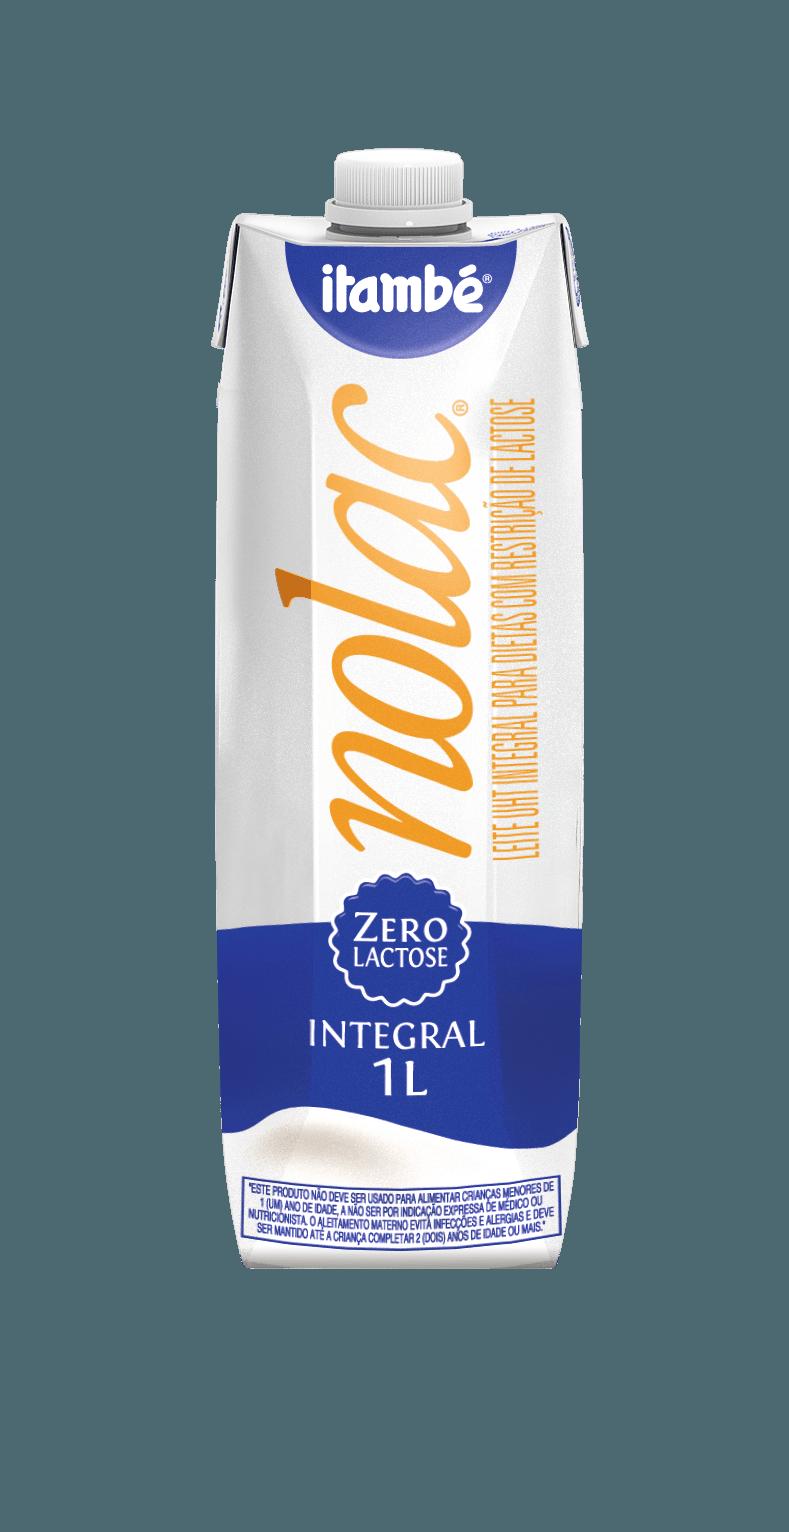 Leite Nolac UHT (Integral) 1 L